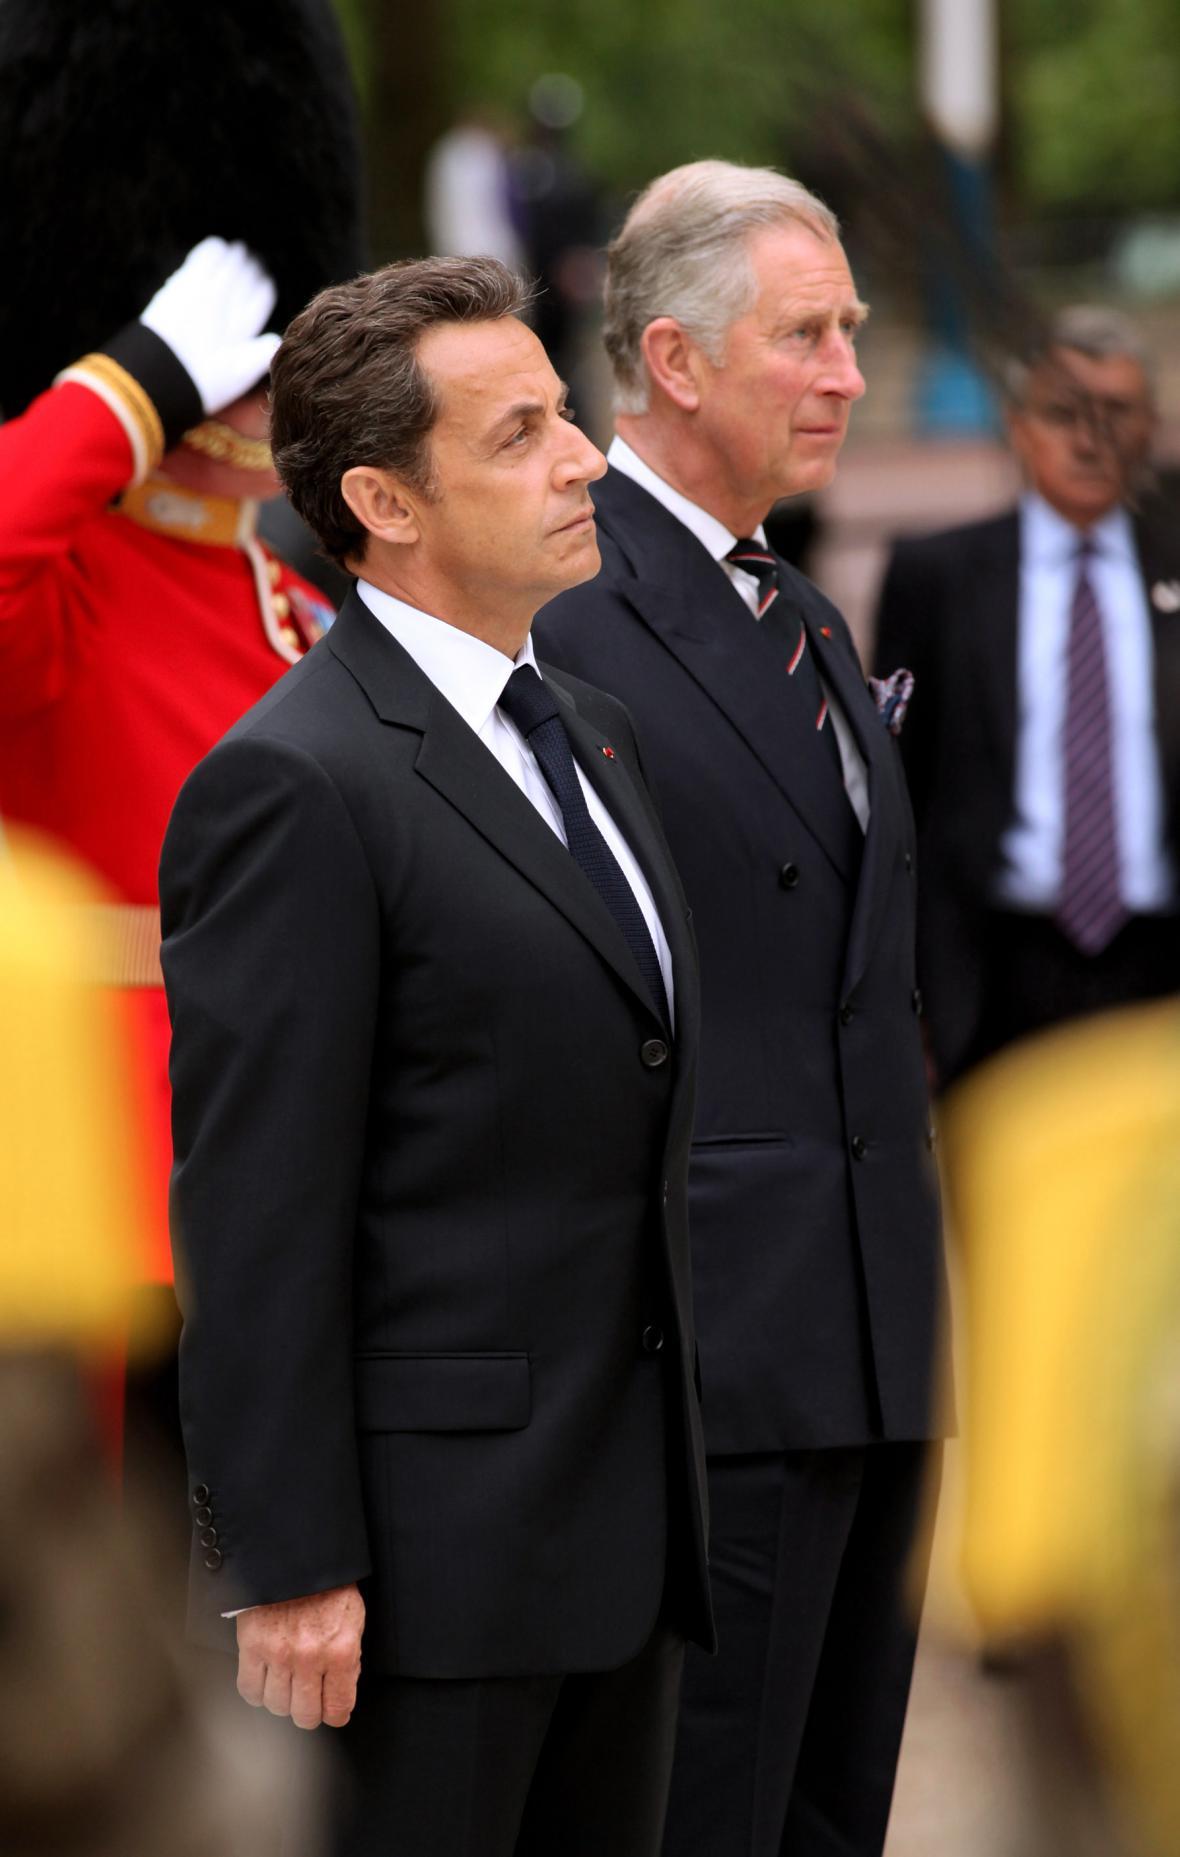 Slavnostní ceremoniál k 70. výročí projevu Charlese de Gaulla